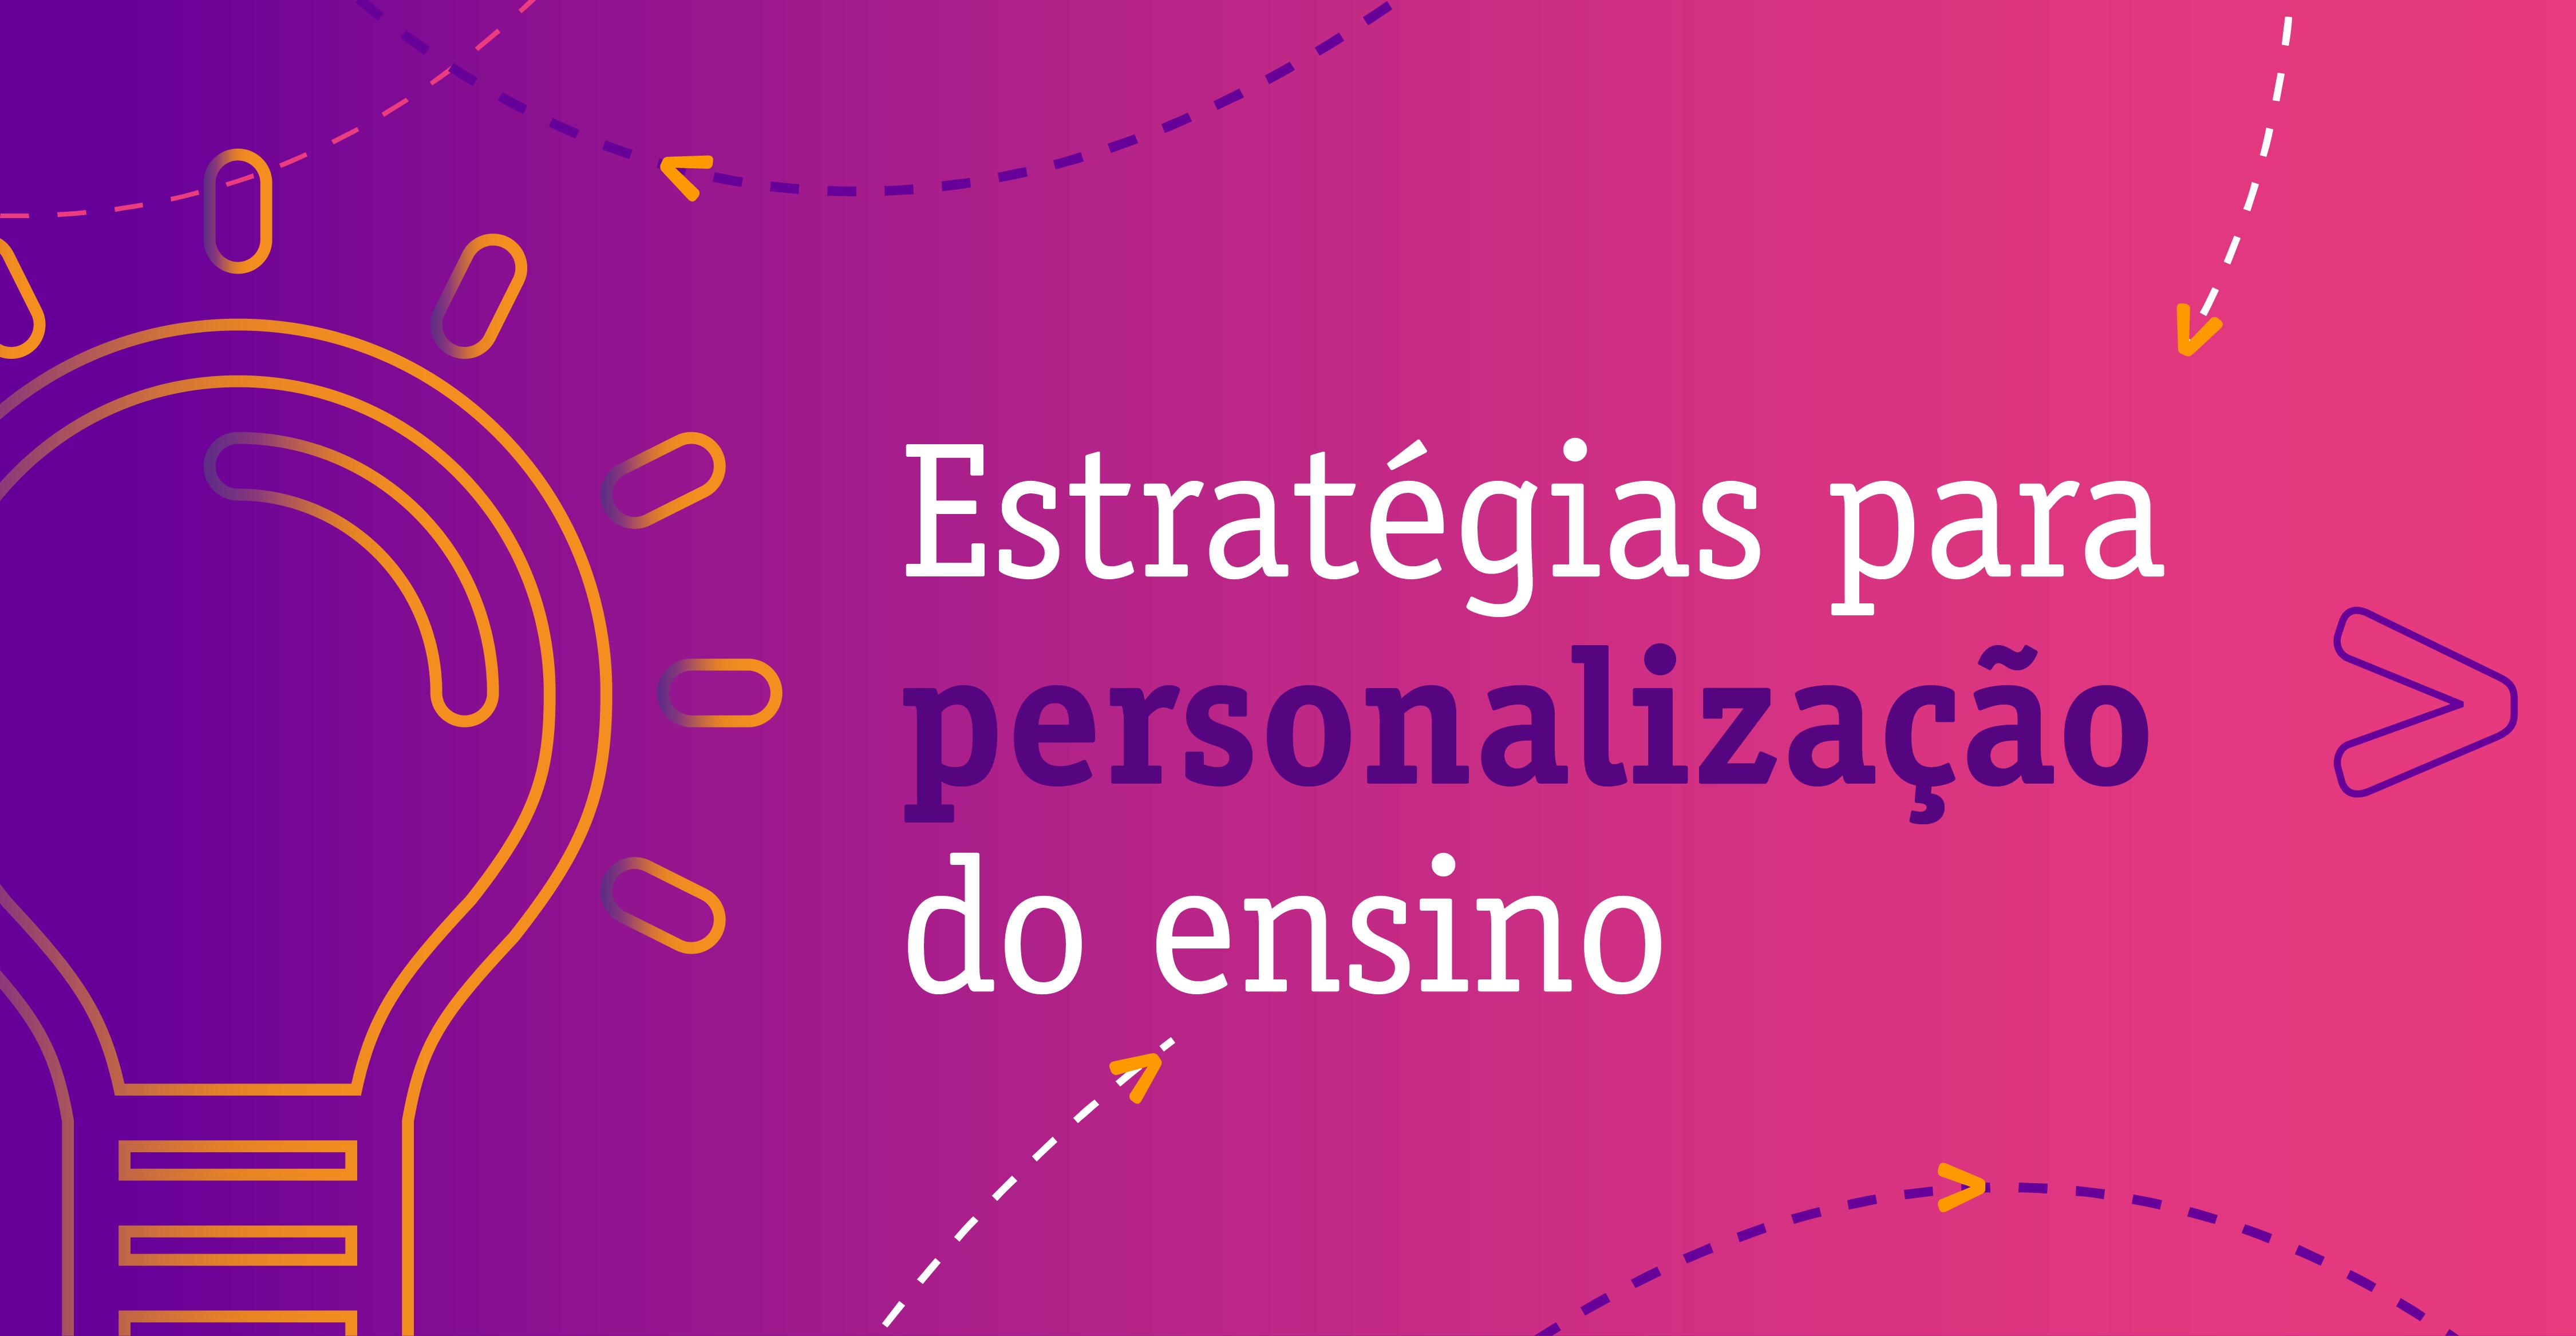 Imagem com a frase Estratégias para personalização do ensino